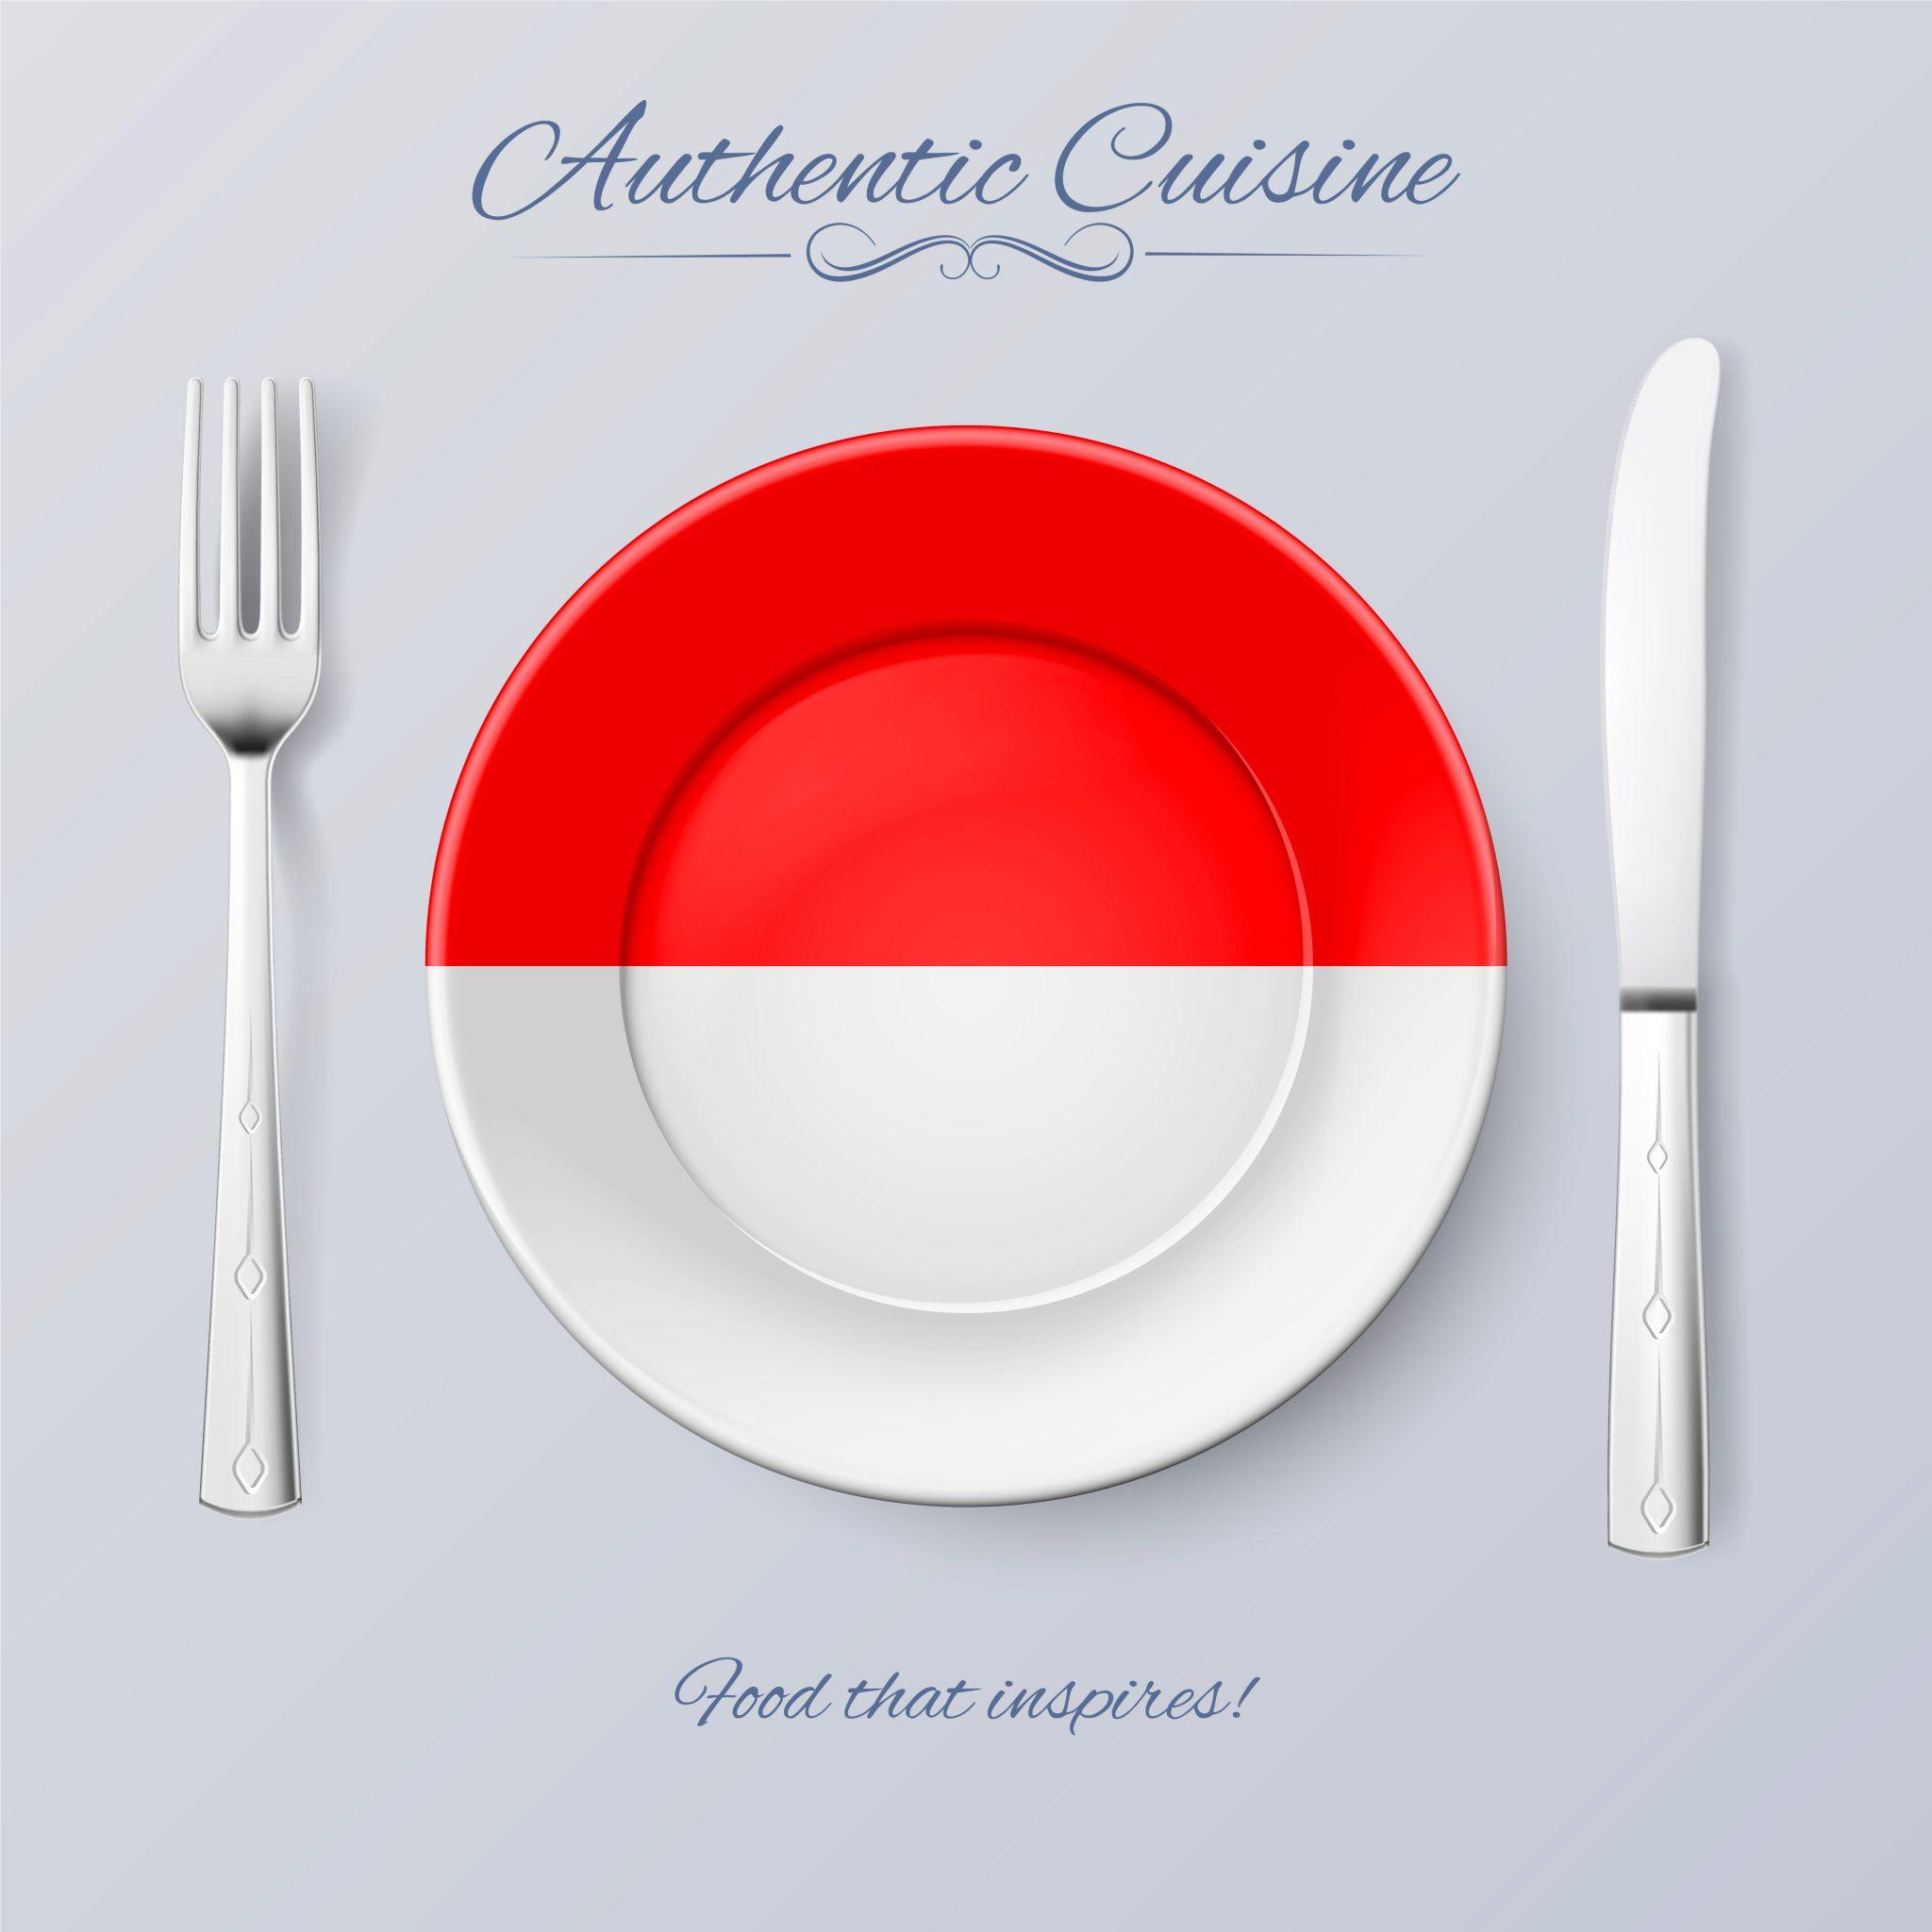 インドネシアの国旗の絵柄のお皿